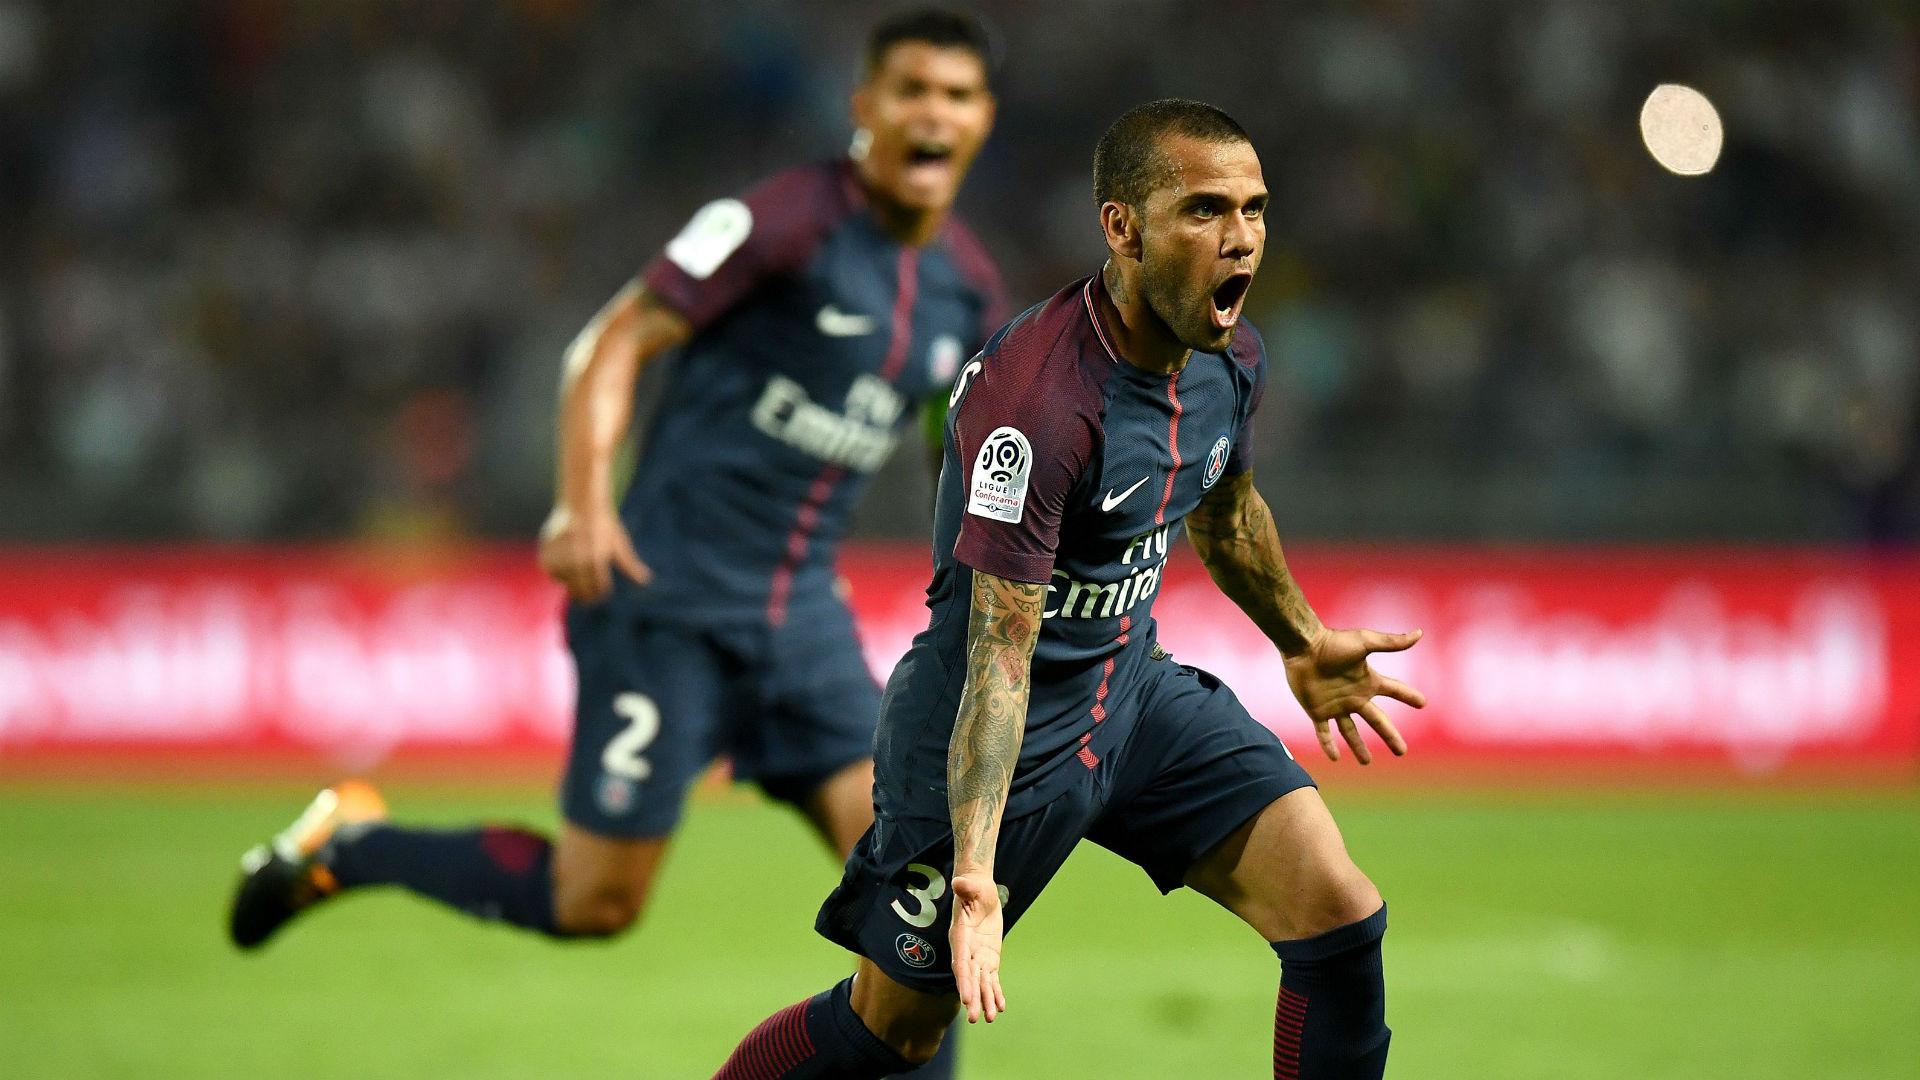 Con goles de Di María y Pastore, el PSG superó al Lille y volvió al triunfo